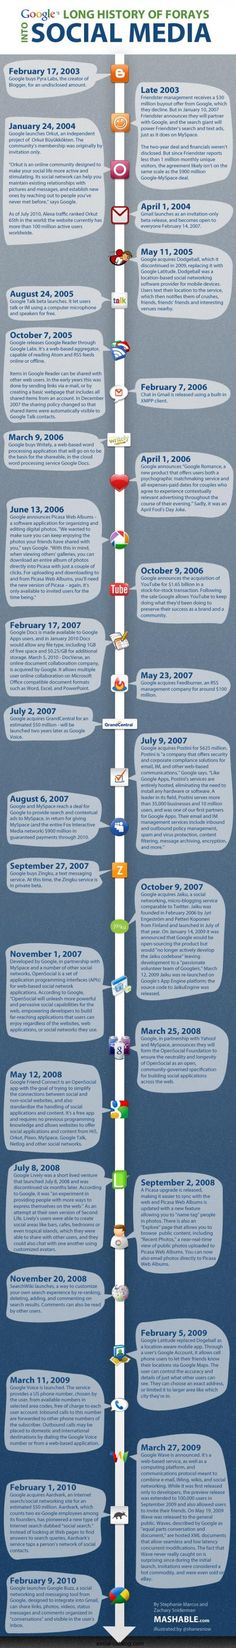 Google's History of Social Media